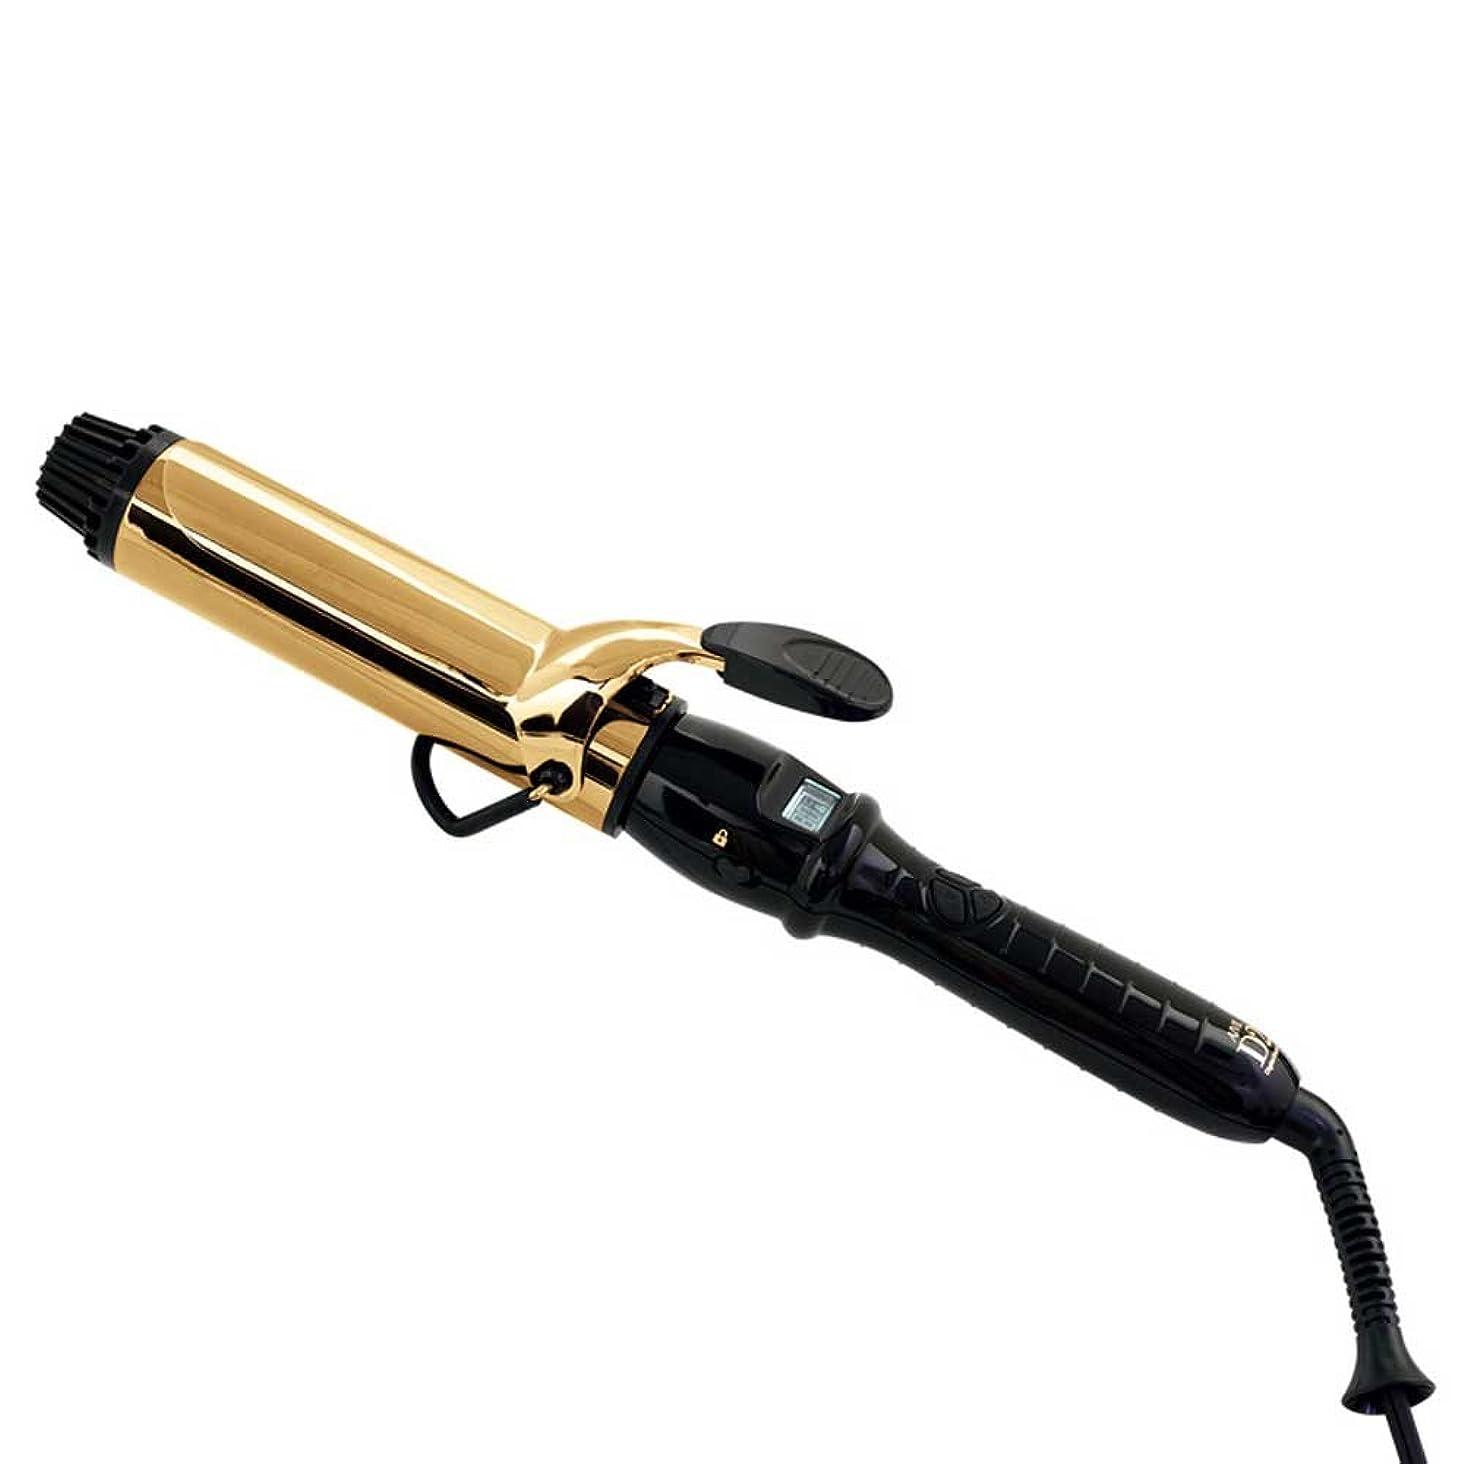 小売隣接検出可能AIVIL(アイビル) D2アイロン ゴールドバレル(I-D2G3802)38mm